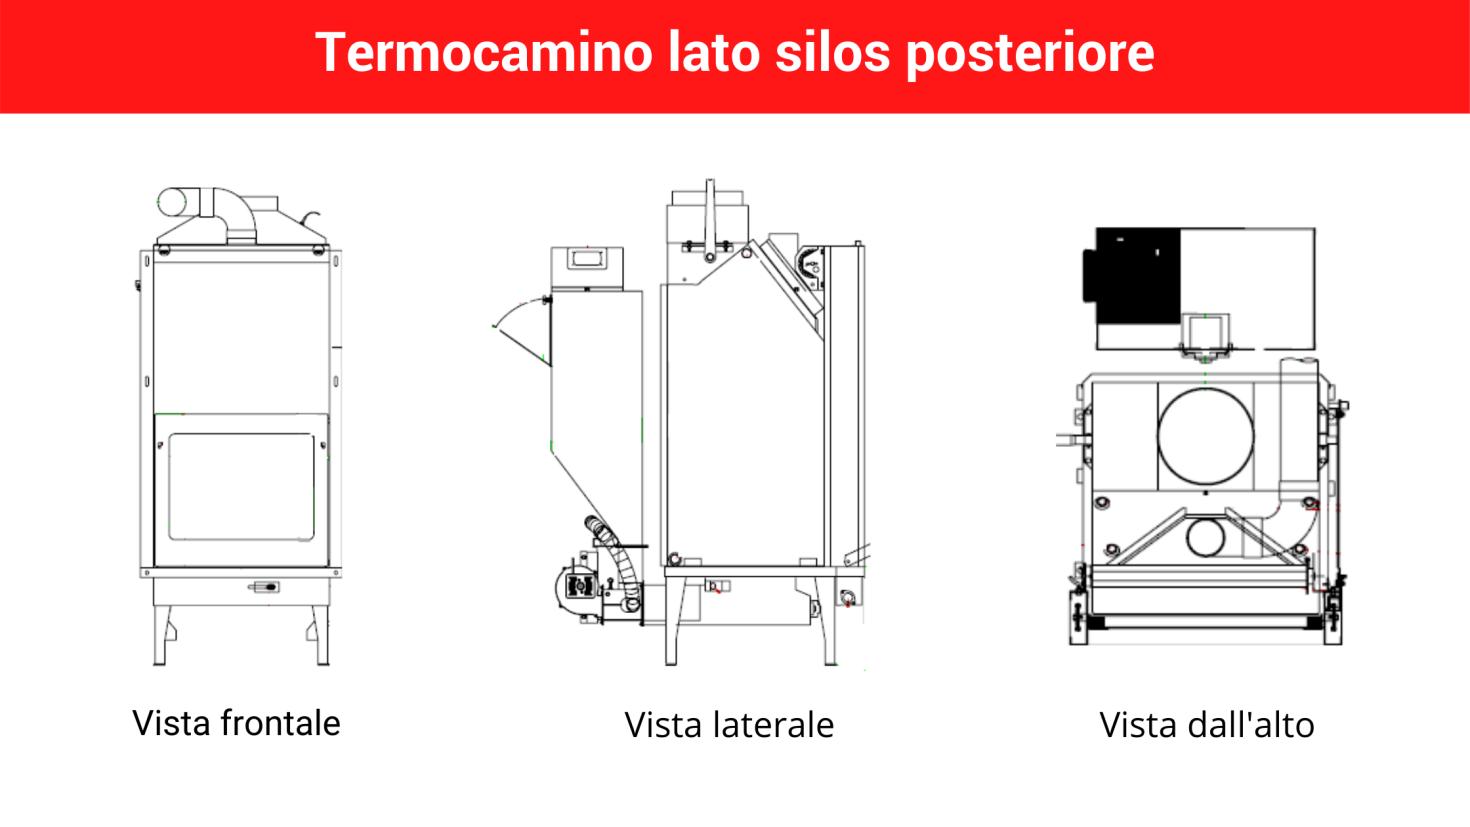 C:\Users\Vendita-2\AppData\Local\Microsoft\Windows\INetCache\Content.Word\Termocamino_Silos_Posteriore (2).png